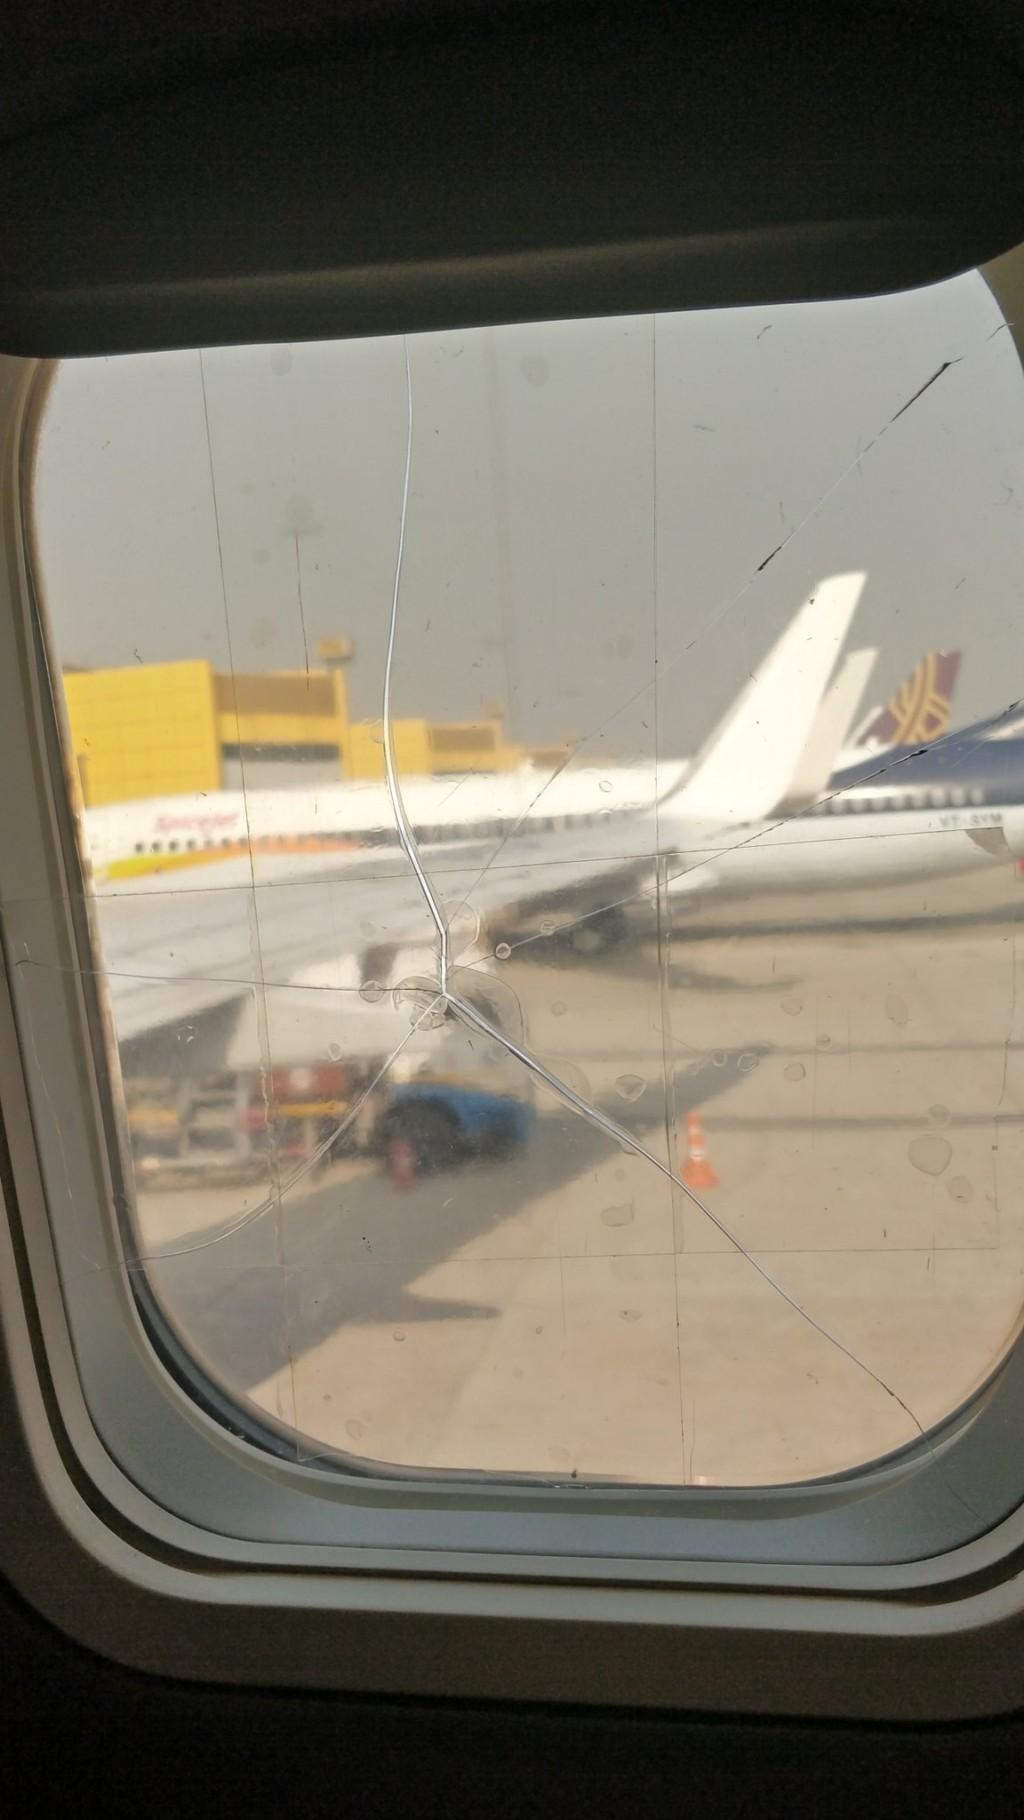 他搭飛機驚見「窗口出現裂痕」被嚇傻 近看發現「只用膠帶黏」暴怒:太危險!